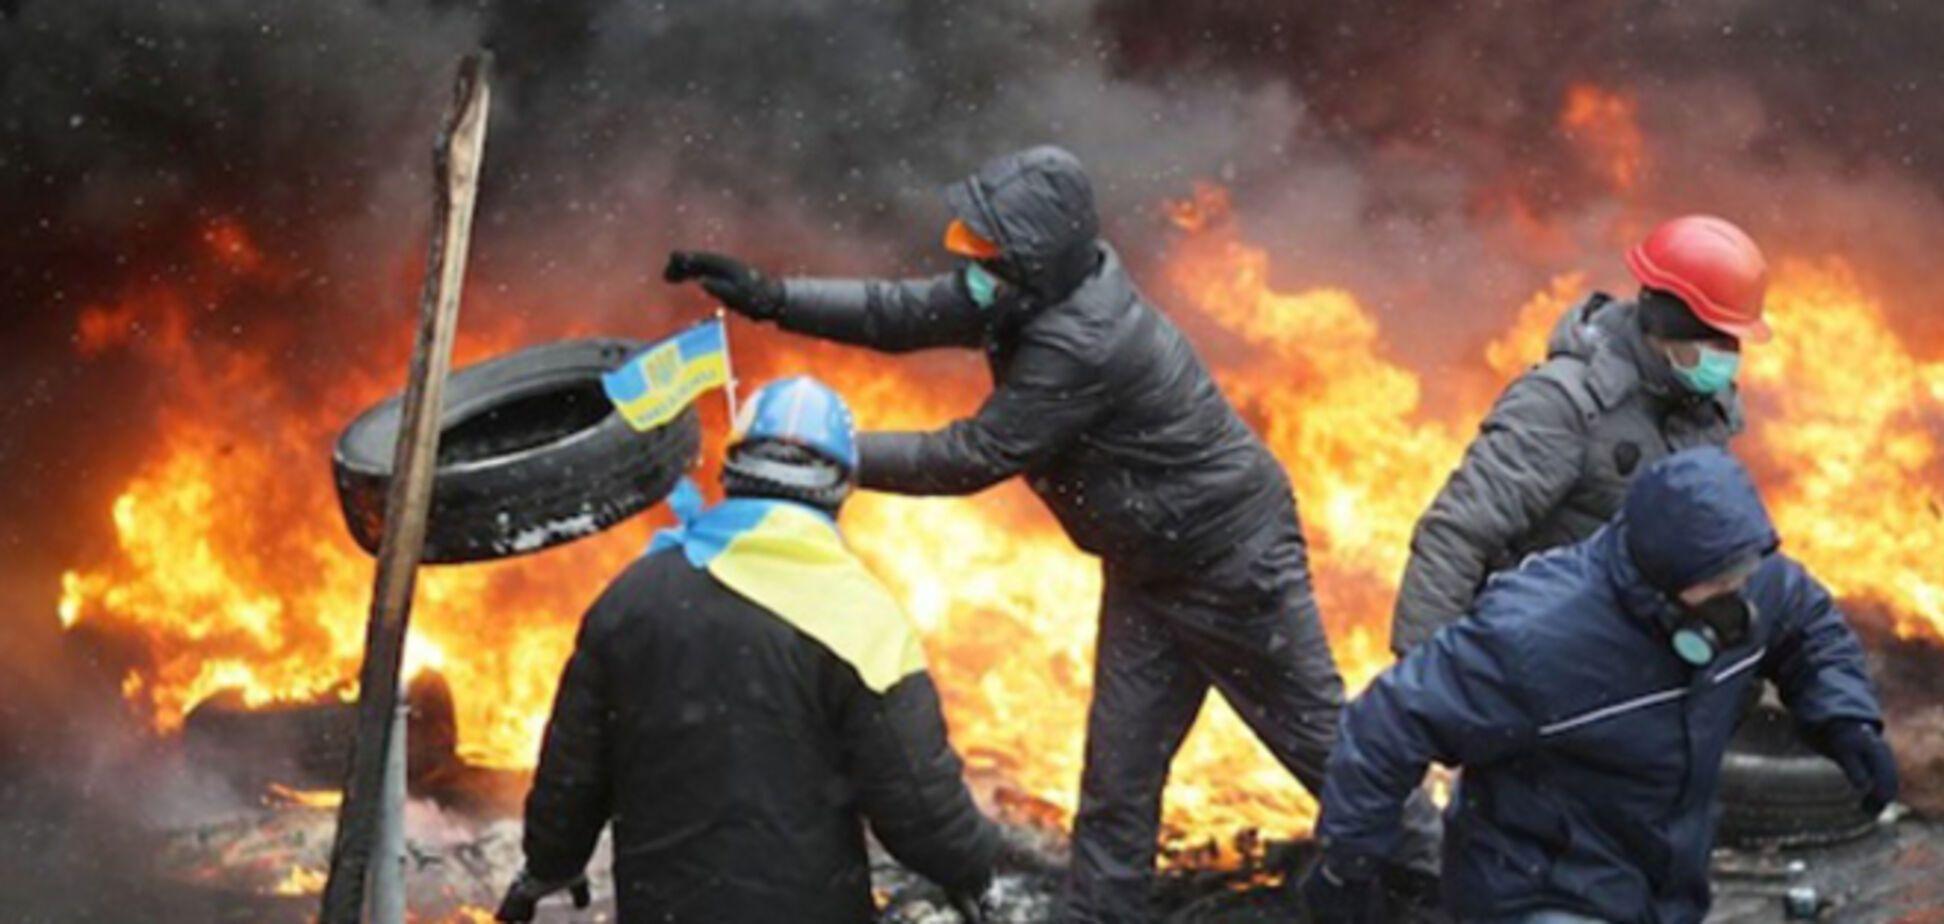 Как вернуть людям веру в то, что Майдан и жертвы на востоке страны были не напрасны?